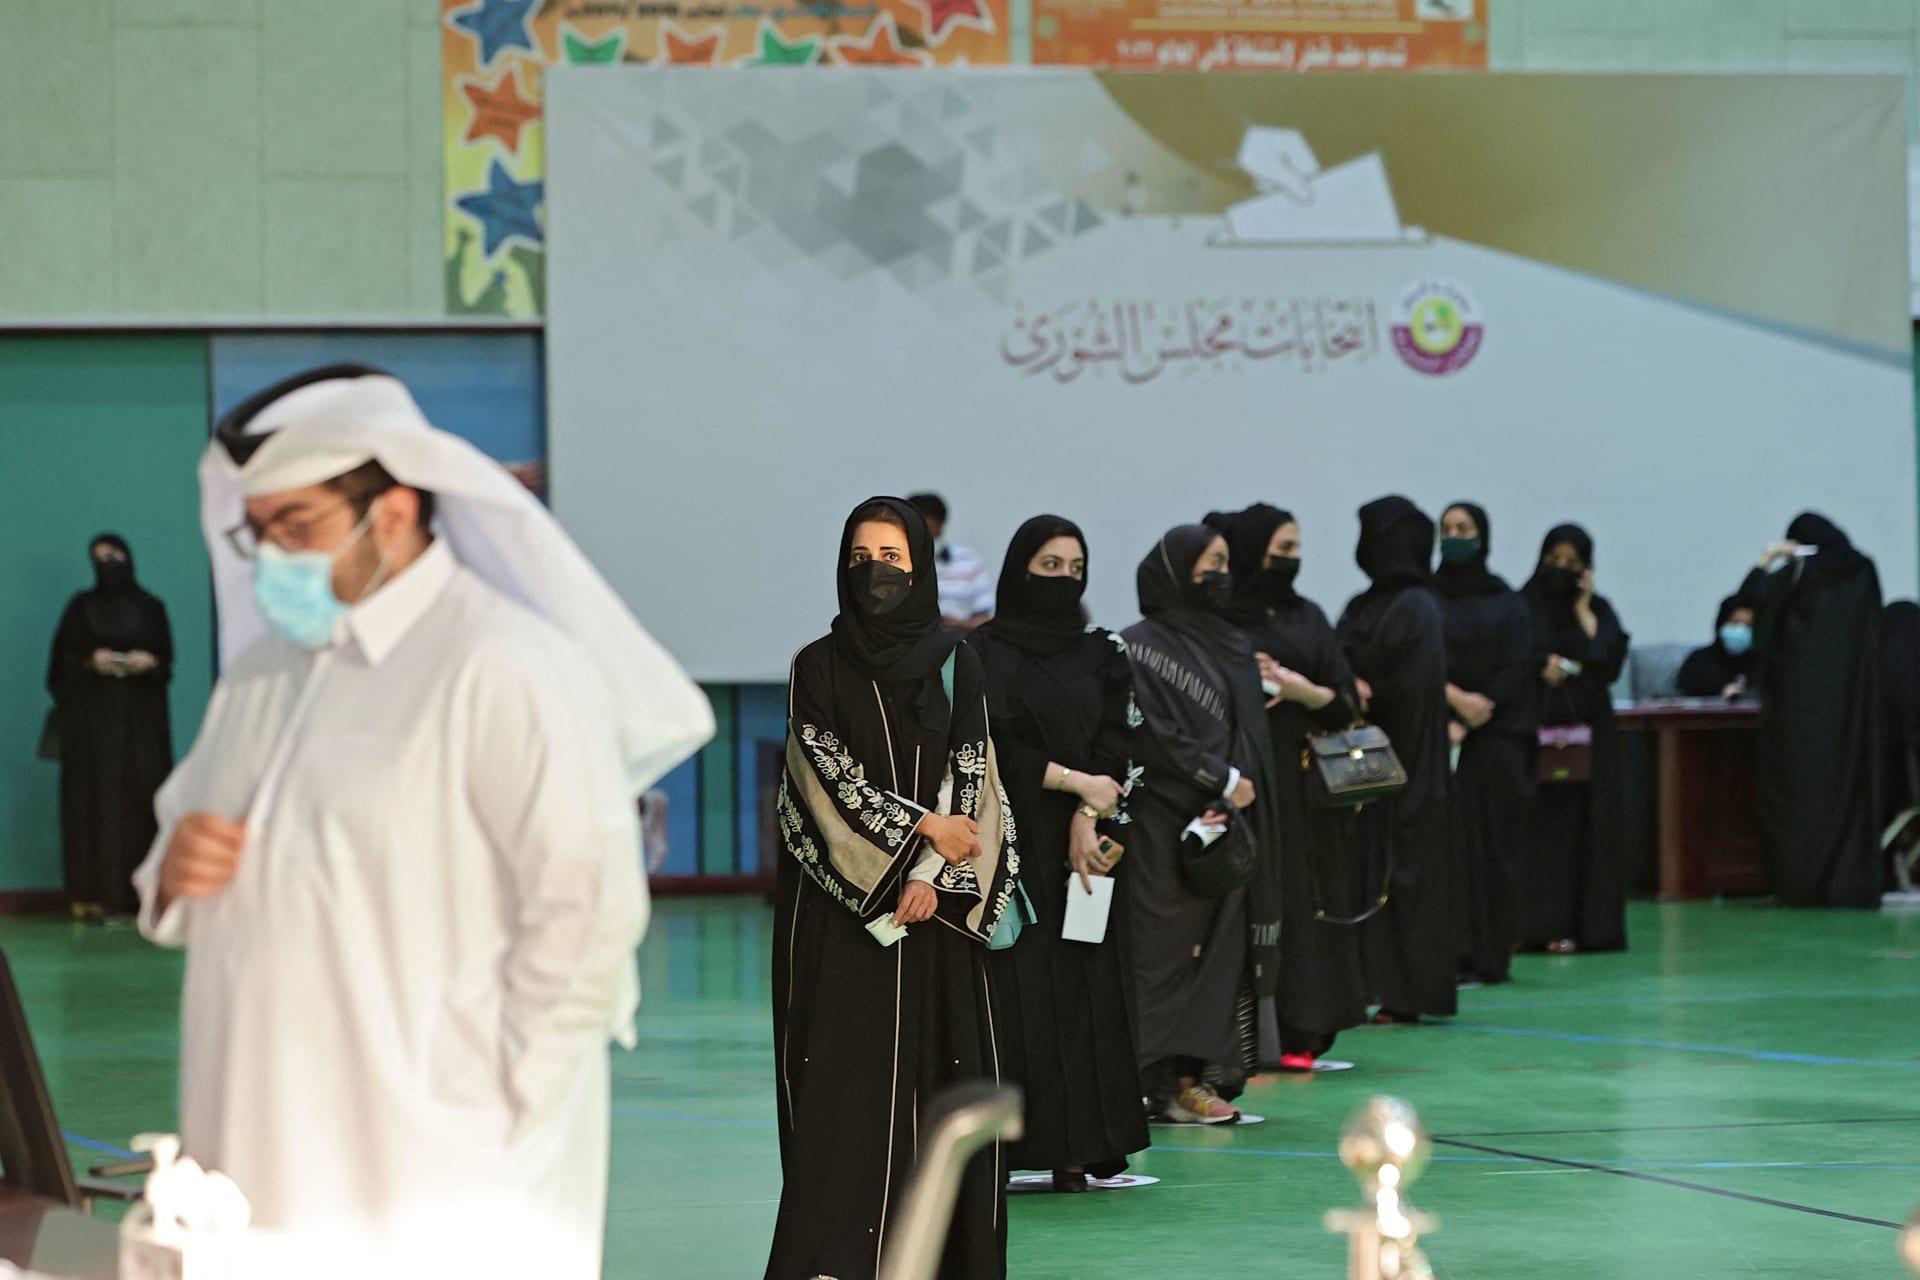 أول انتخابات في قطر: خسارة جميع المرشحات..و63.5% نسبة المشاركة